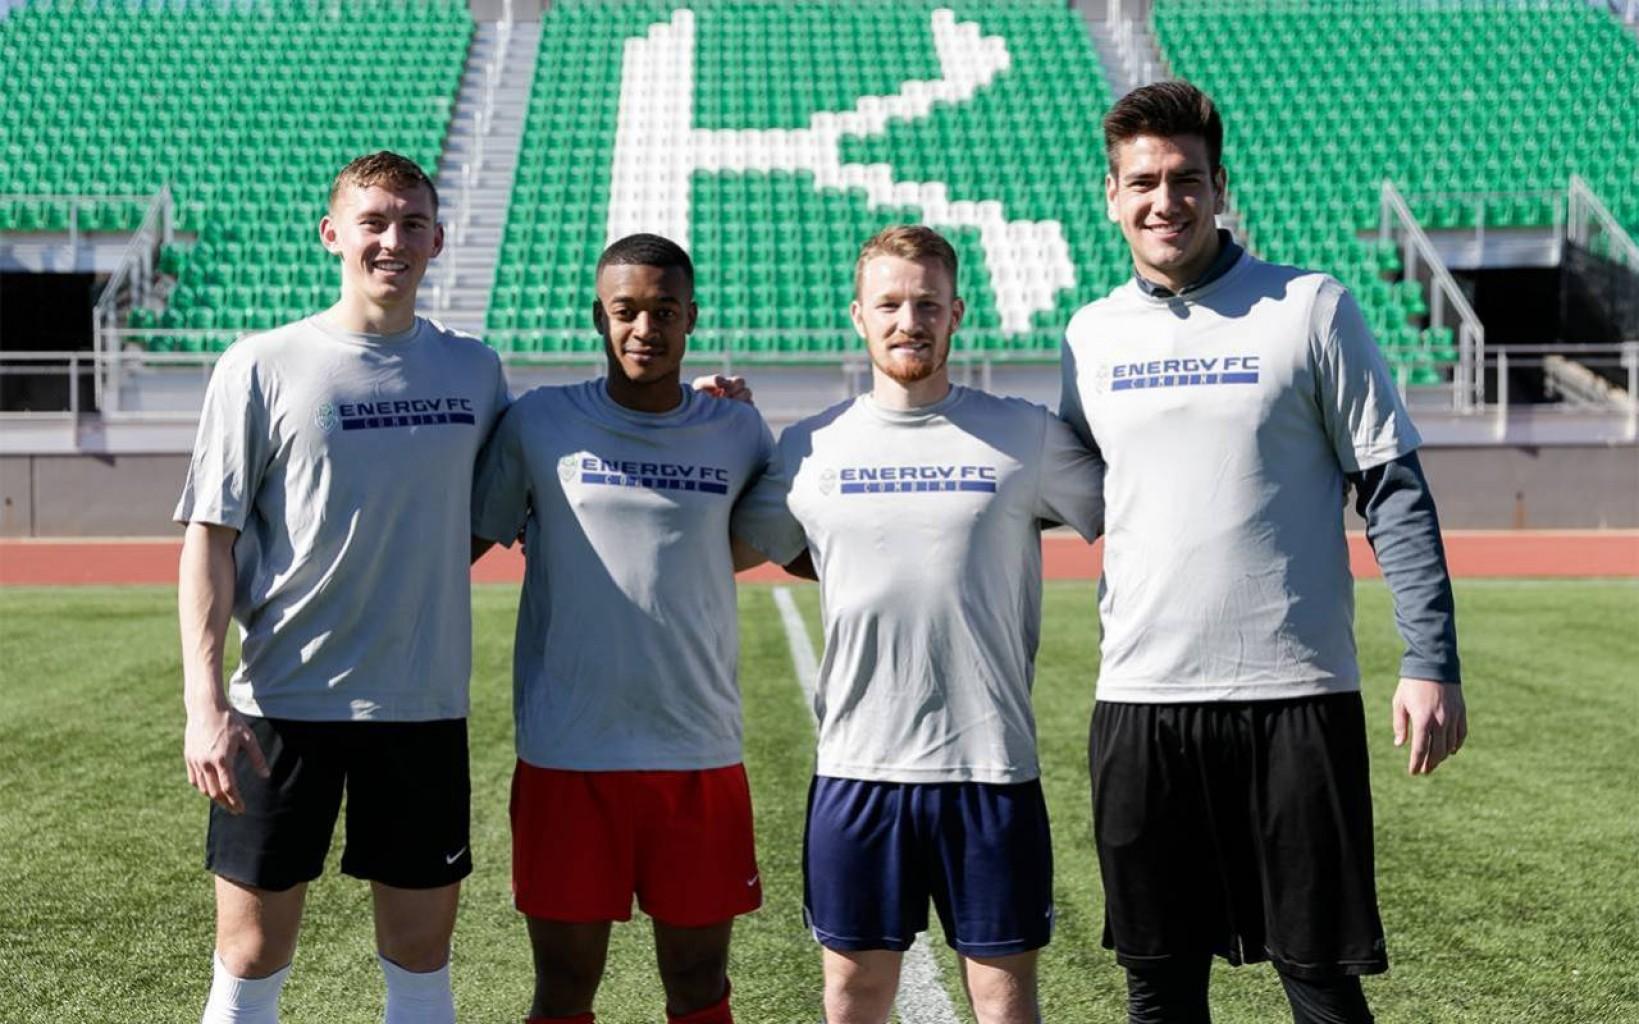 Entrenadores seleccionan cuatro destacados Jugadores - Energy FC